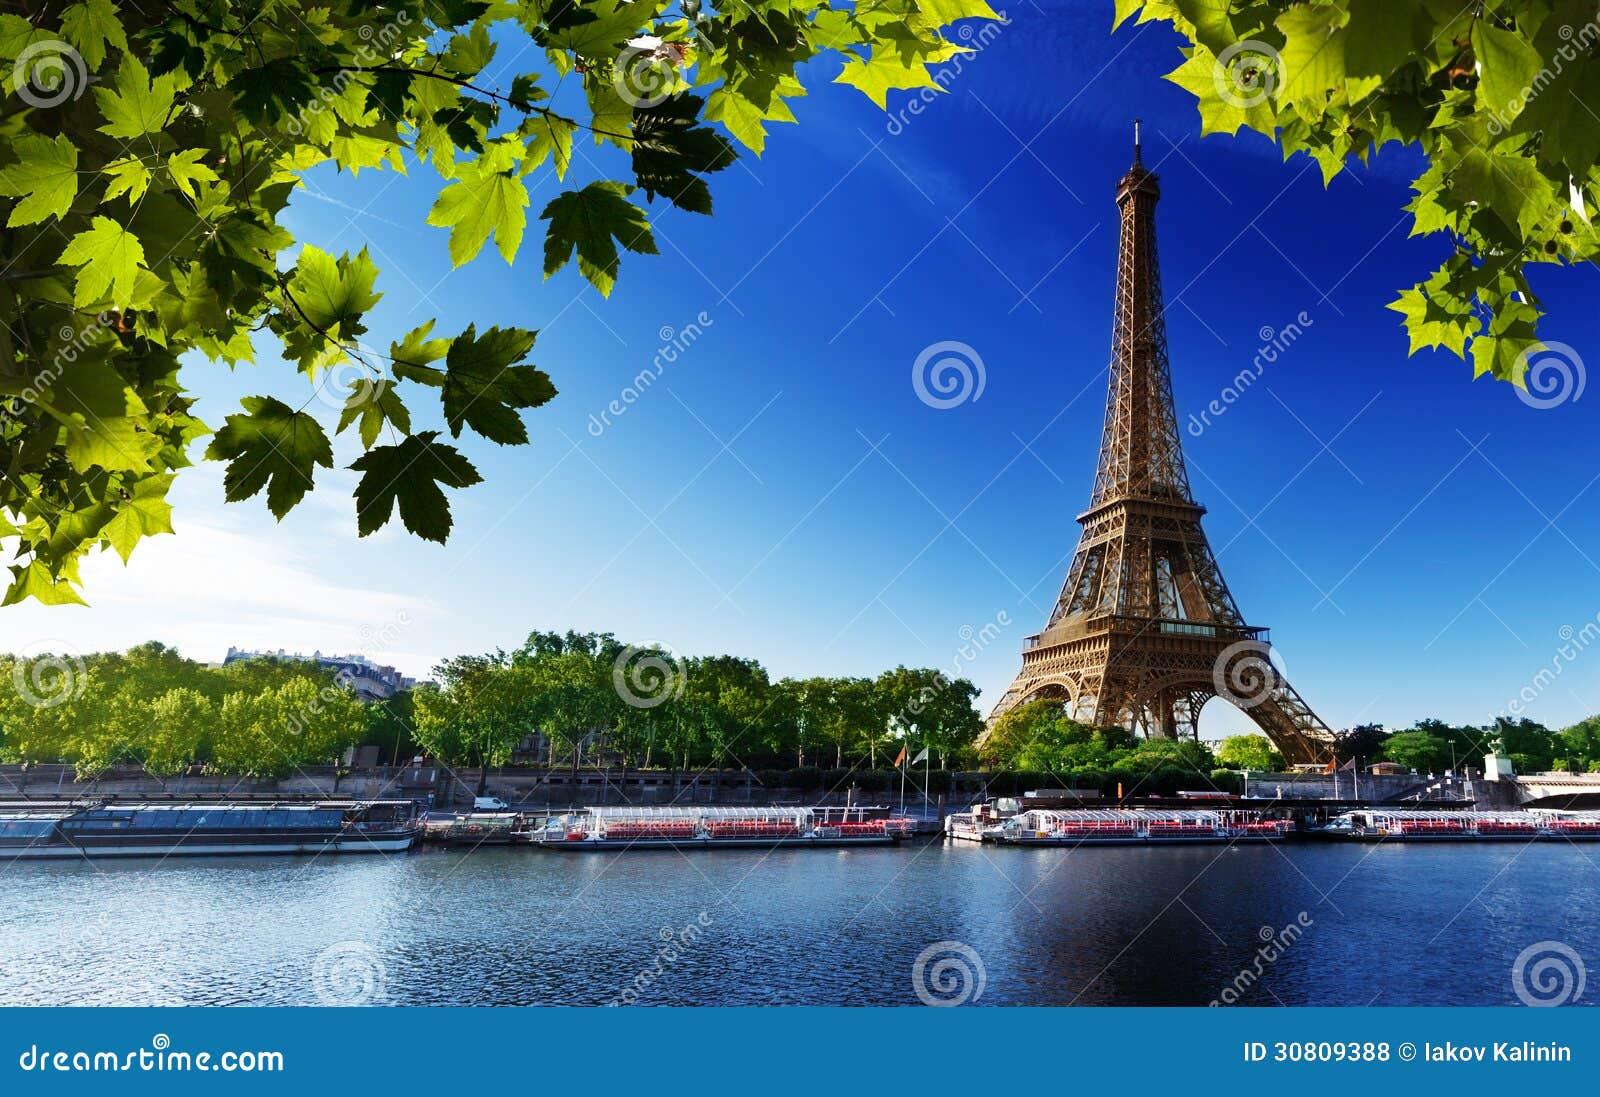 Die Seine in Paris mit Eiffelturm